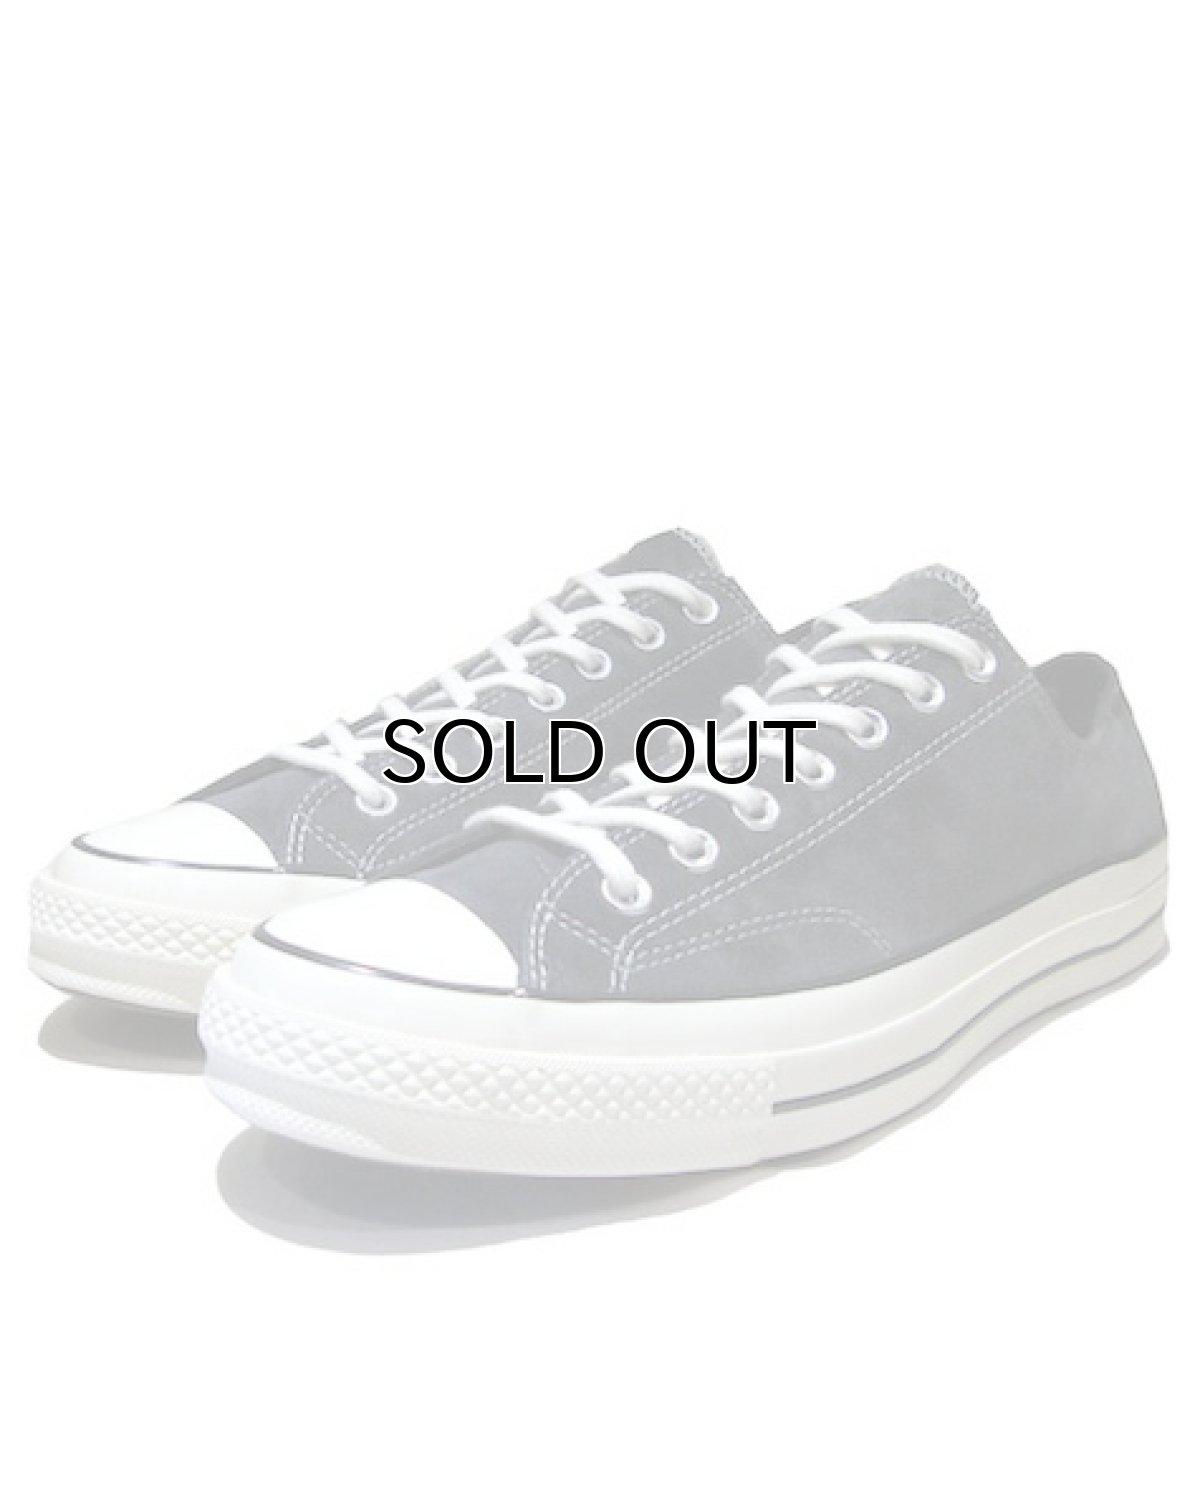 """画像1: NEW Converse """"First String"""" Low-Cut Suede Sneaker Charcoal Grey size 10.5 (1)"""